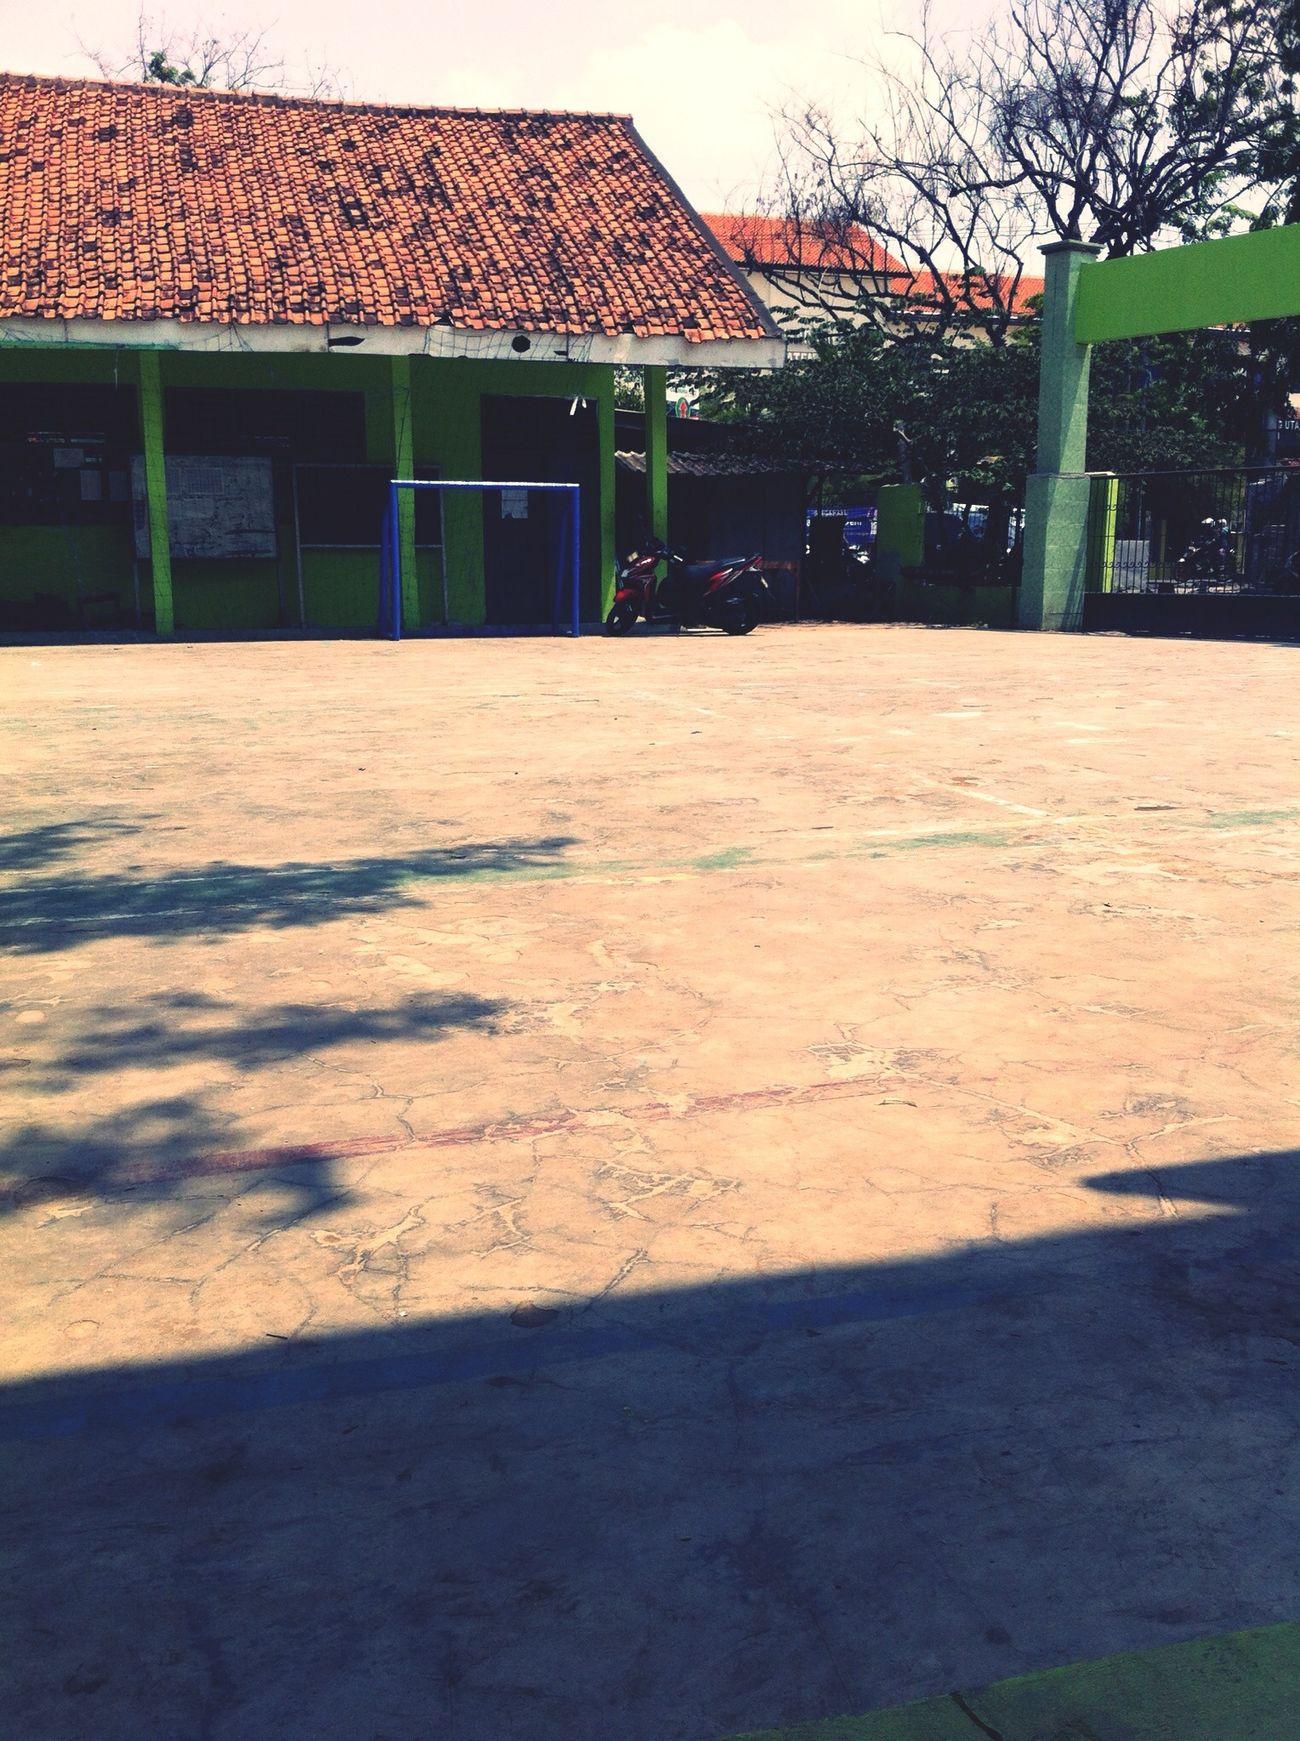 Di Lapangan ini saya pertama kali di ajari Pbb